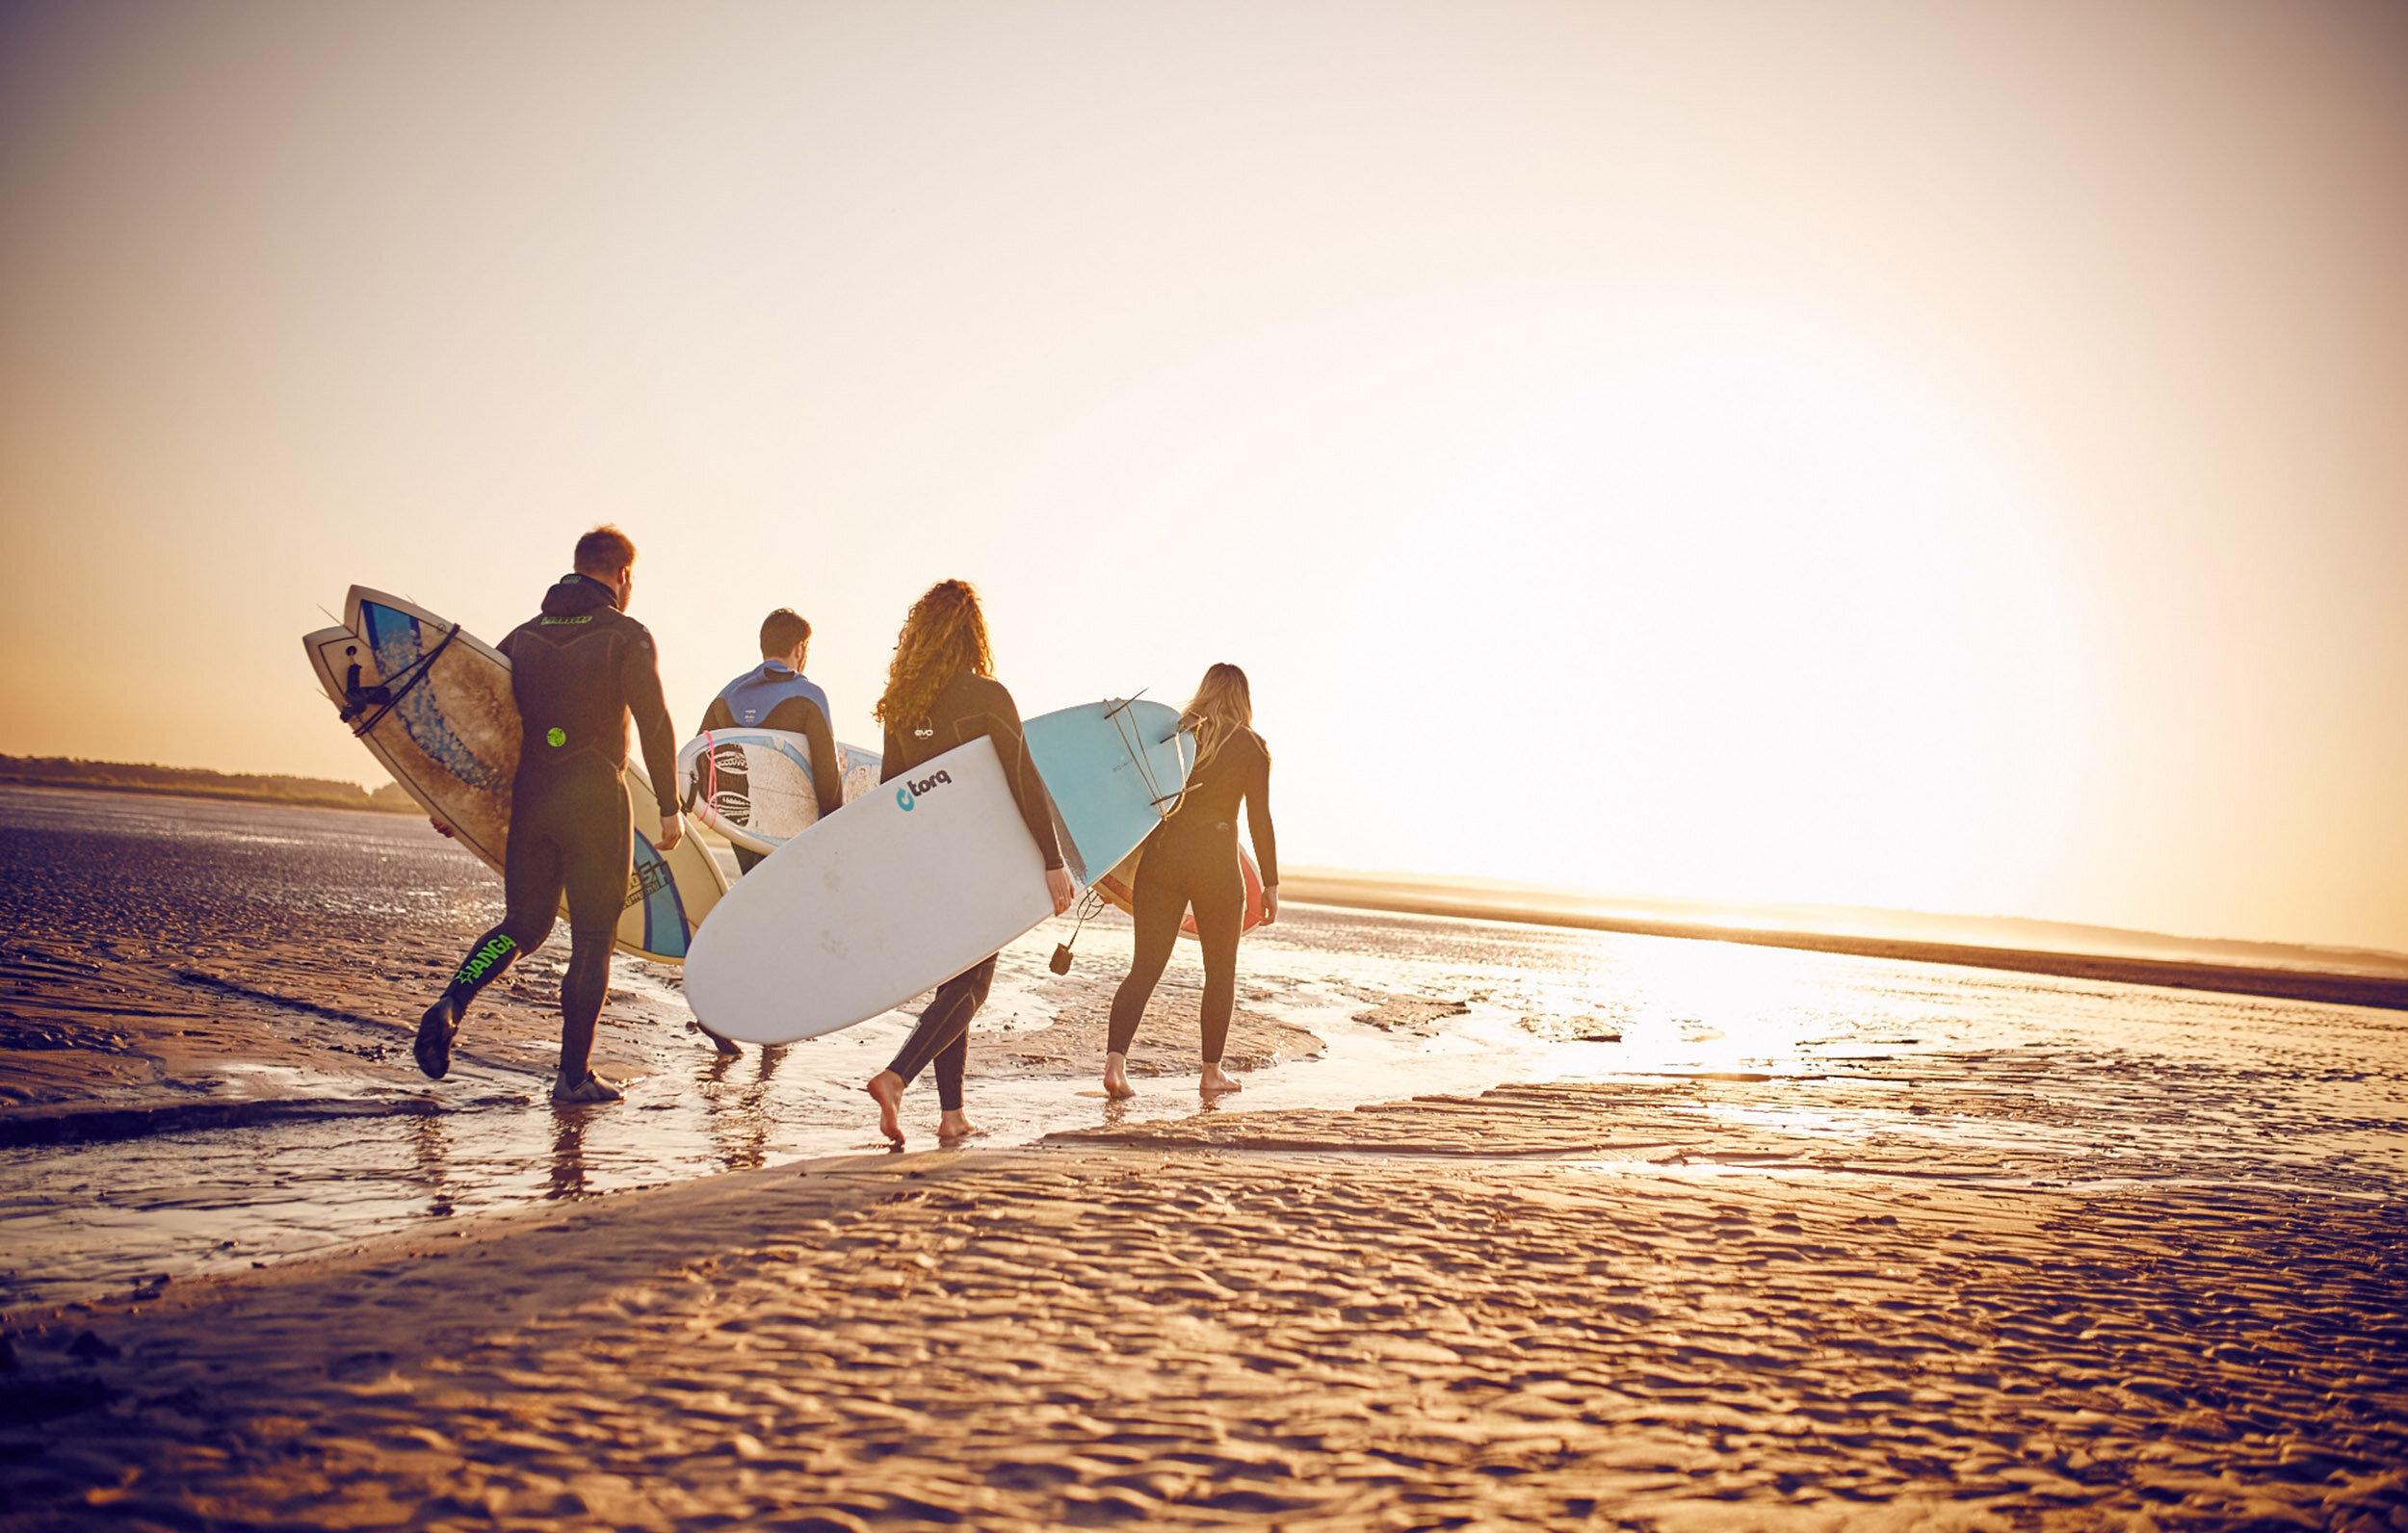 SURFING EAST COAST